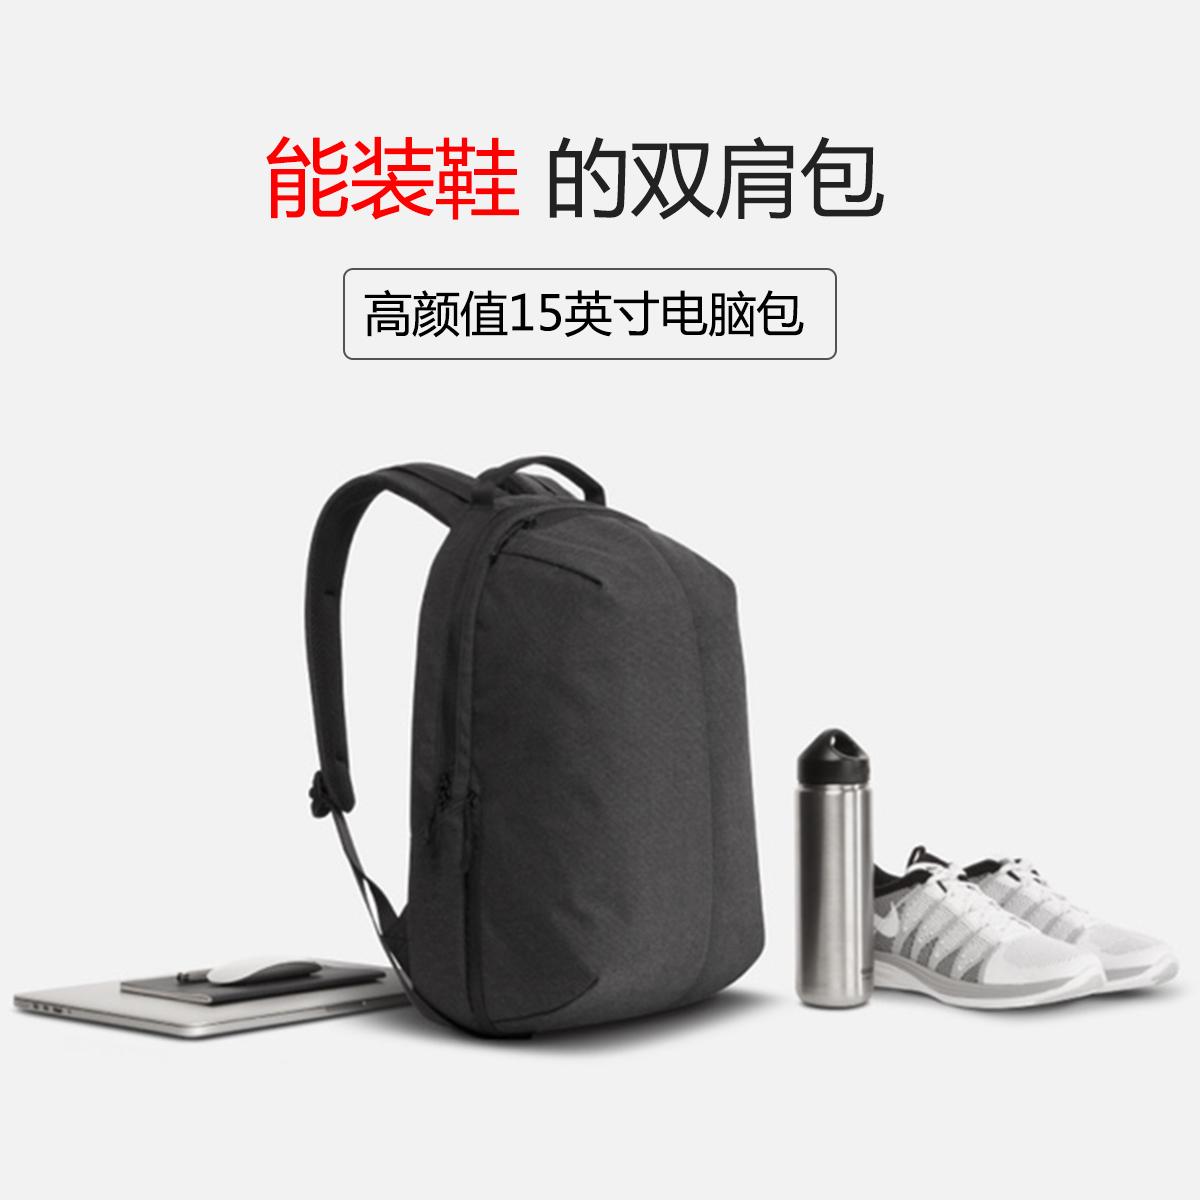 纳伽 MU20电脑双肩背包 15寸苹果笔记本平板书包 足球运动跑步包